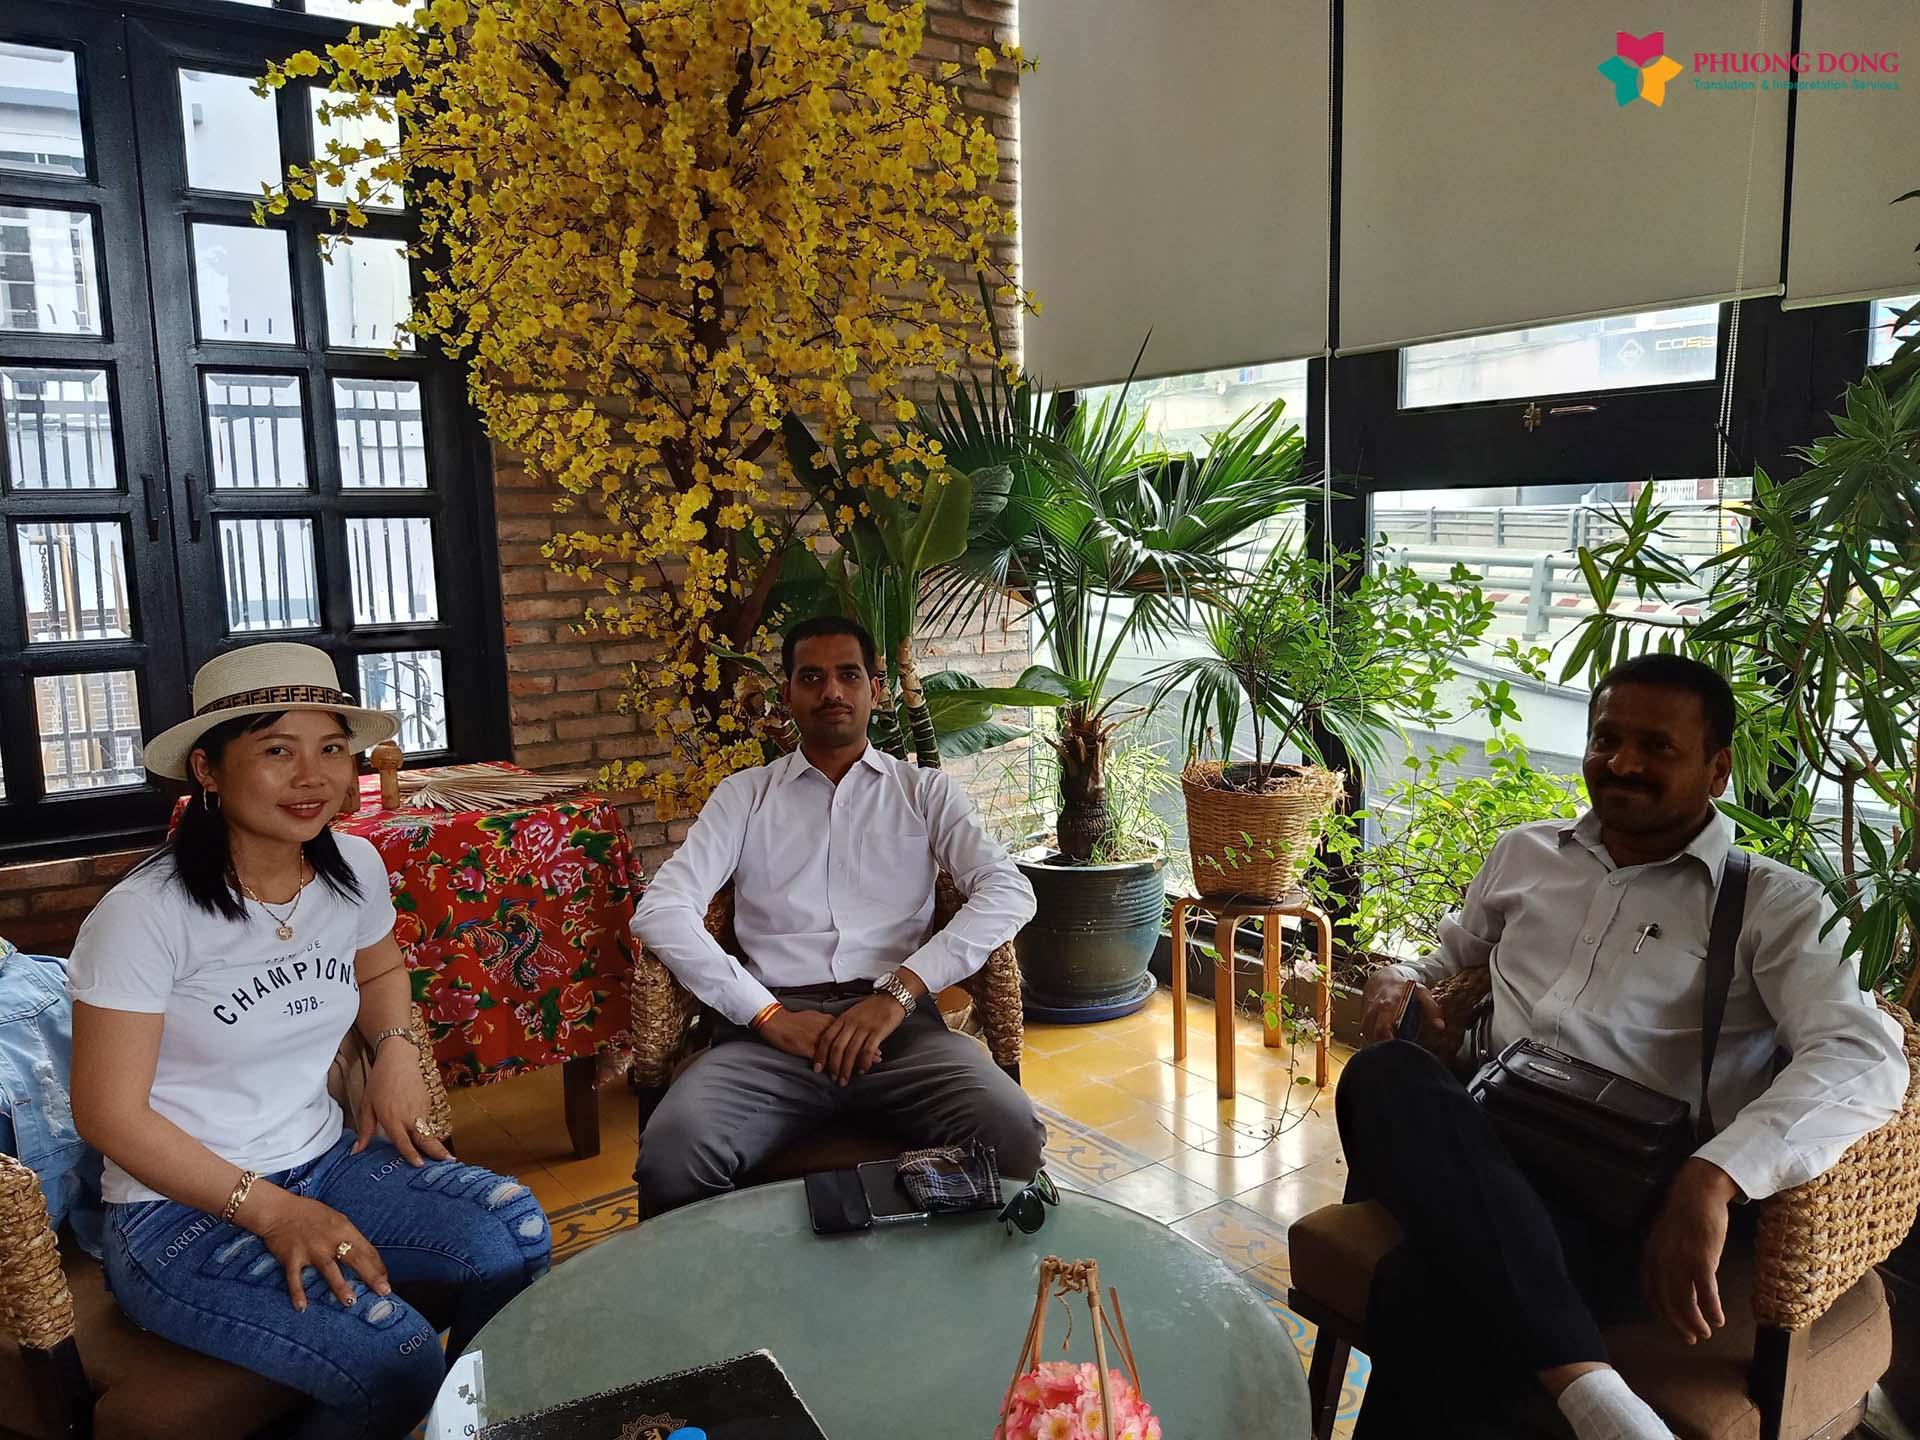 Phiên dịch Tiếng Anh về nông sản với đối tác Ấn Độ Tại Long An